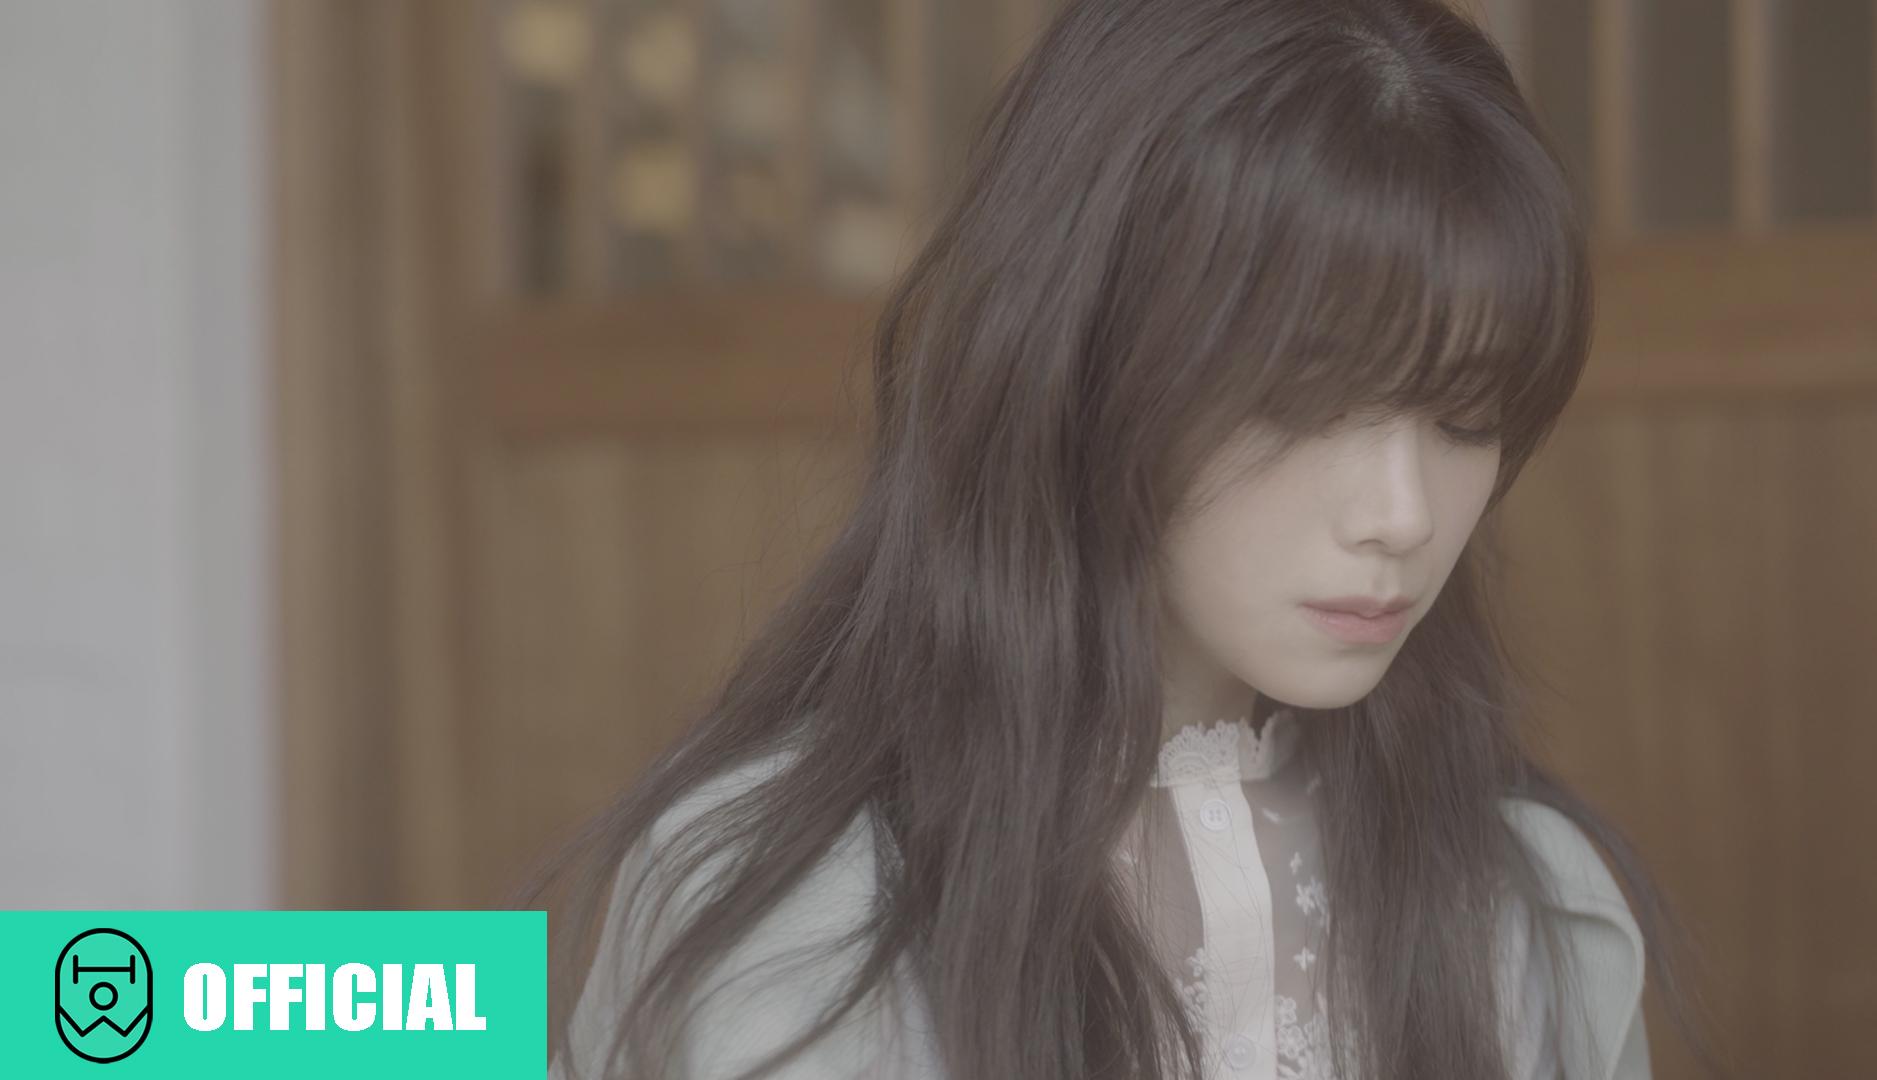 미유(Mew) - 다시 또 이런 사랑할 수 있을까(Love again) MV